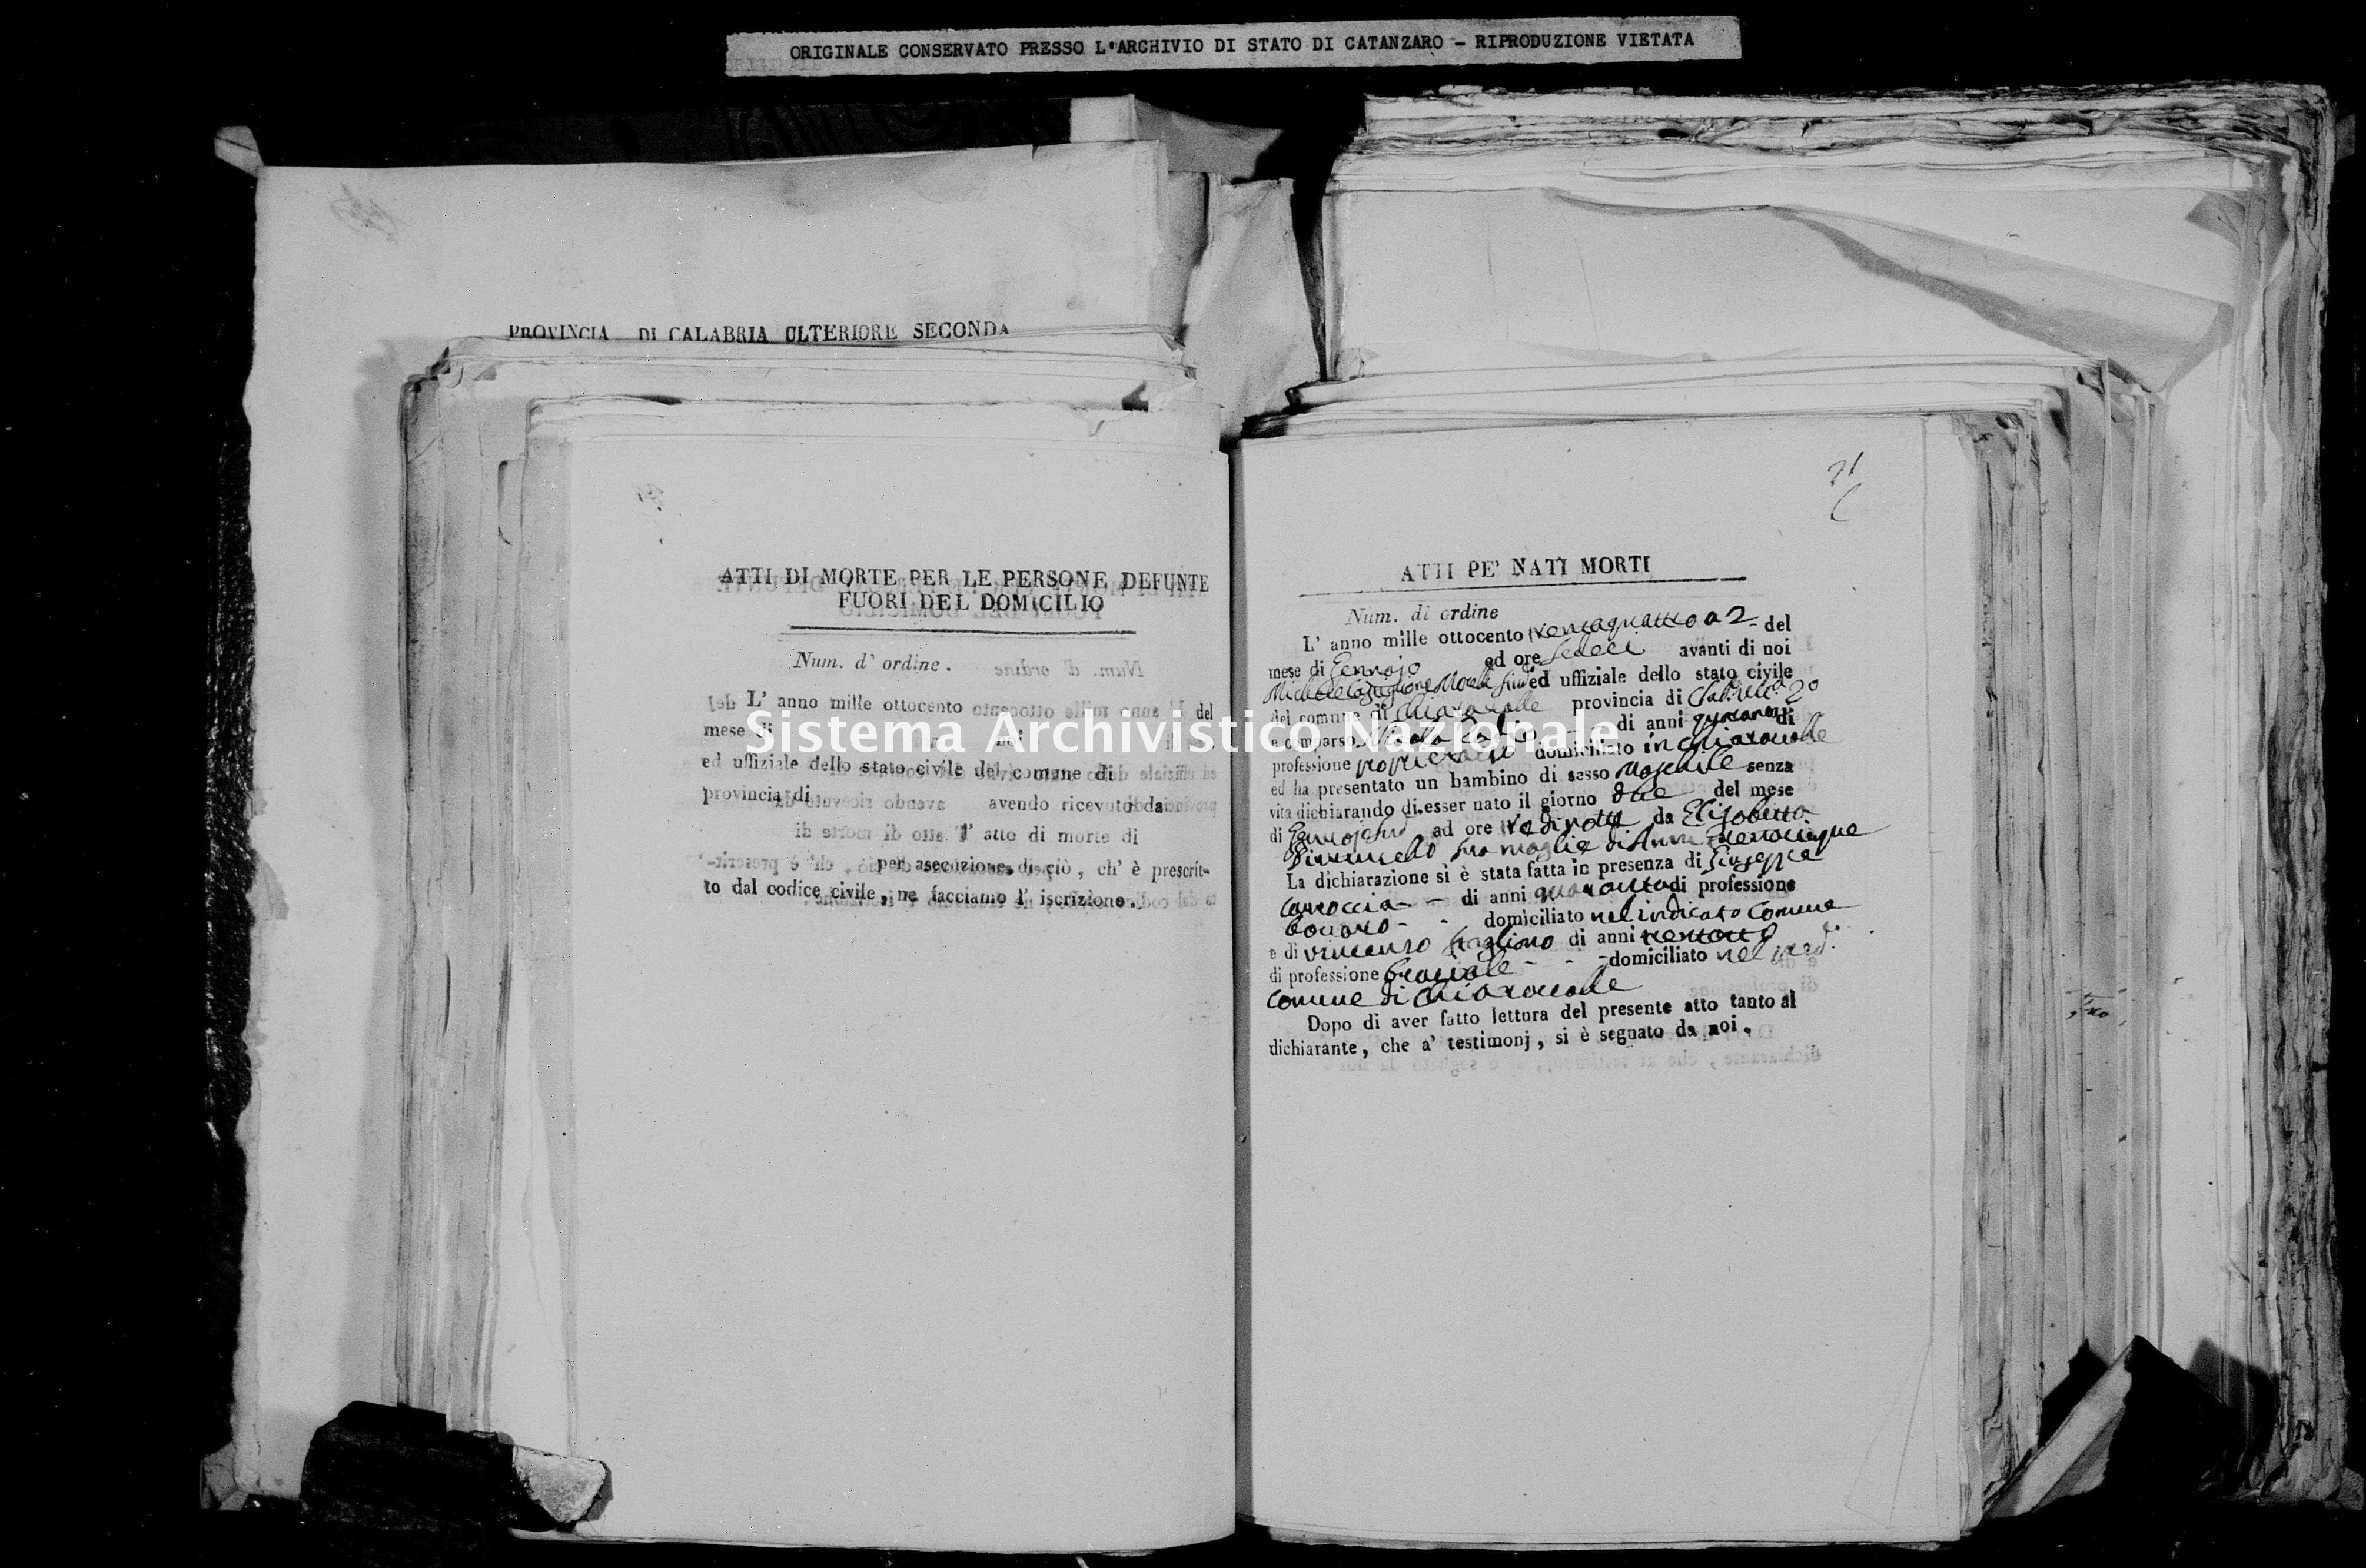 Archivio di stato di Catanzaro - Stato civile della restaurazione - Chiaravalle - Diversi - 1834 -